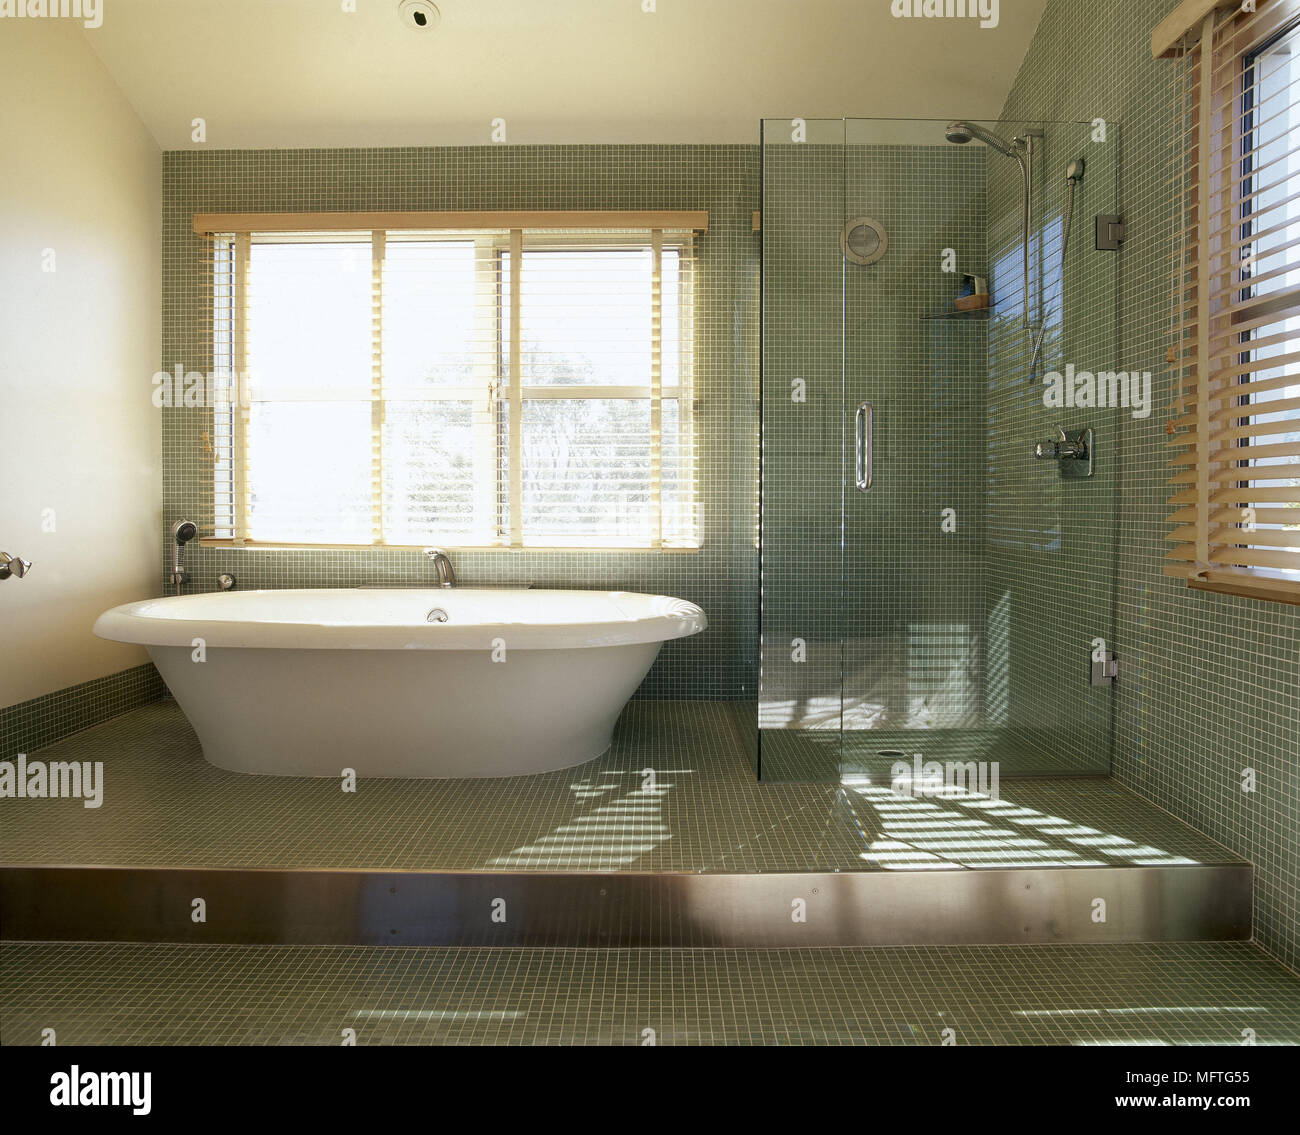 Modernes Badezimmer freistehende Badewanne mit Mosaikfliesen ...